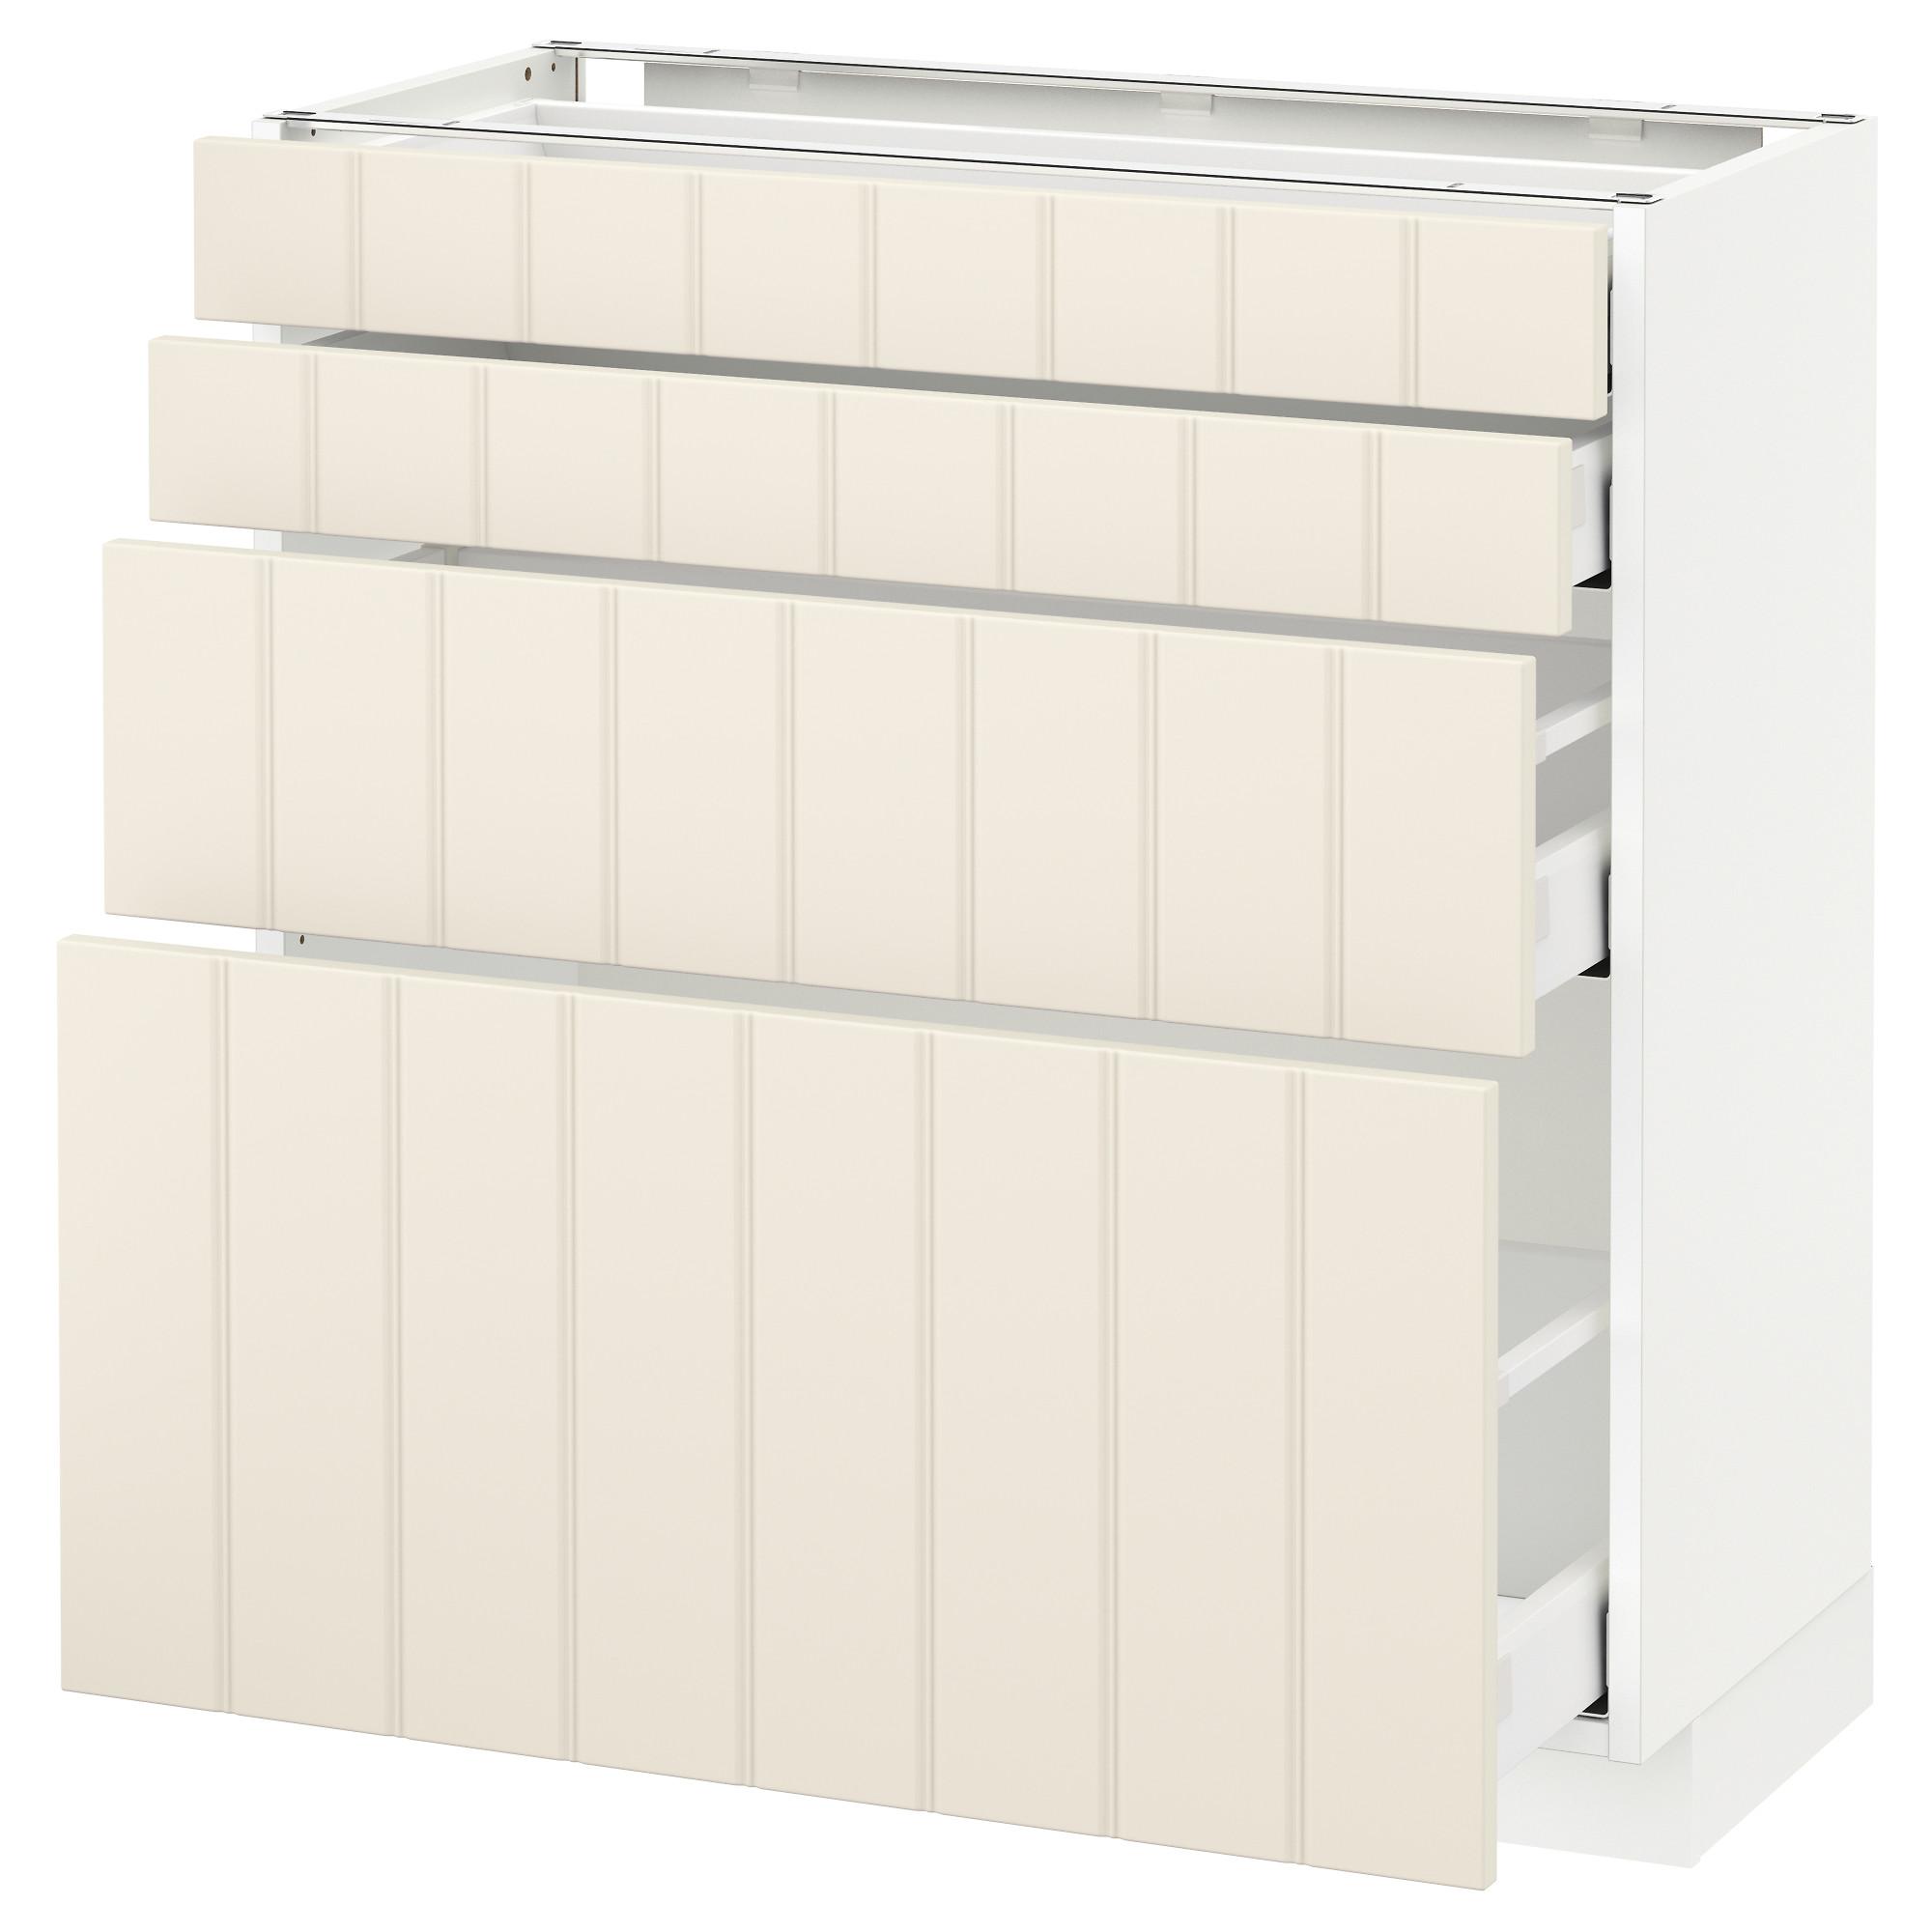 Напольный шкаф 4 фронтальных панели, 4 ящика МЕТОД / МАКСИМЕРА белый артикуль № 192.307.32 в наличии. Онлайн сайт ИКЕА РБ. Быстрая доставка и монтаж.